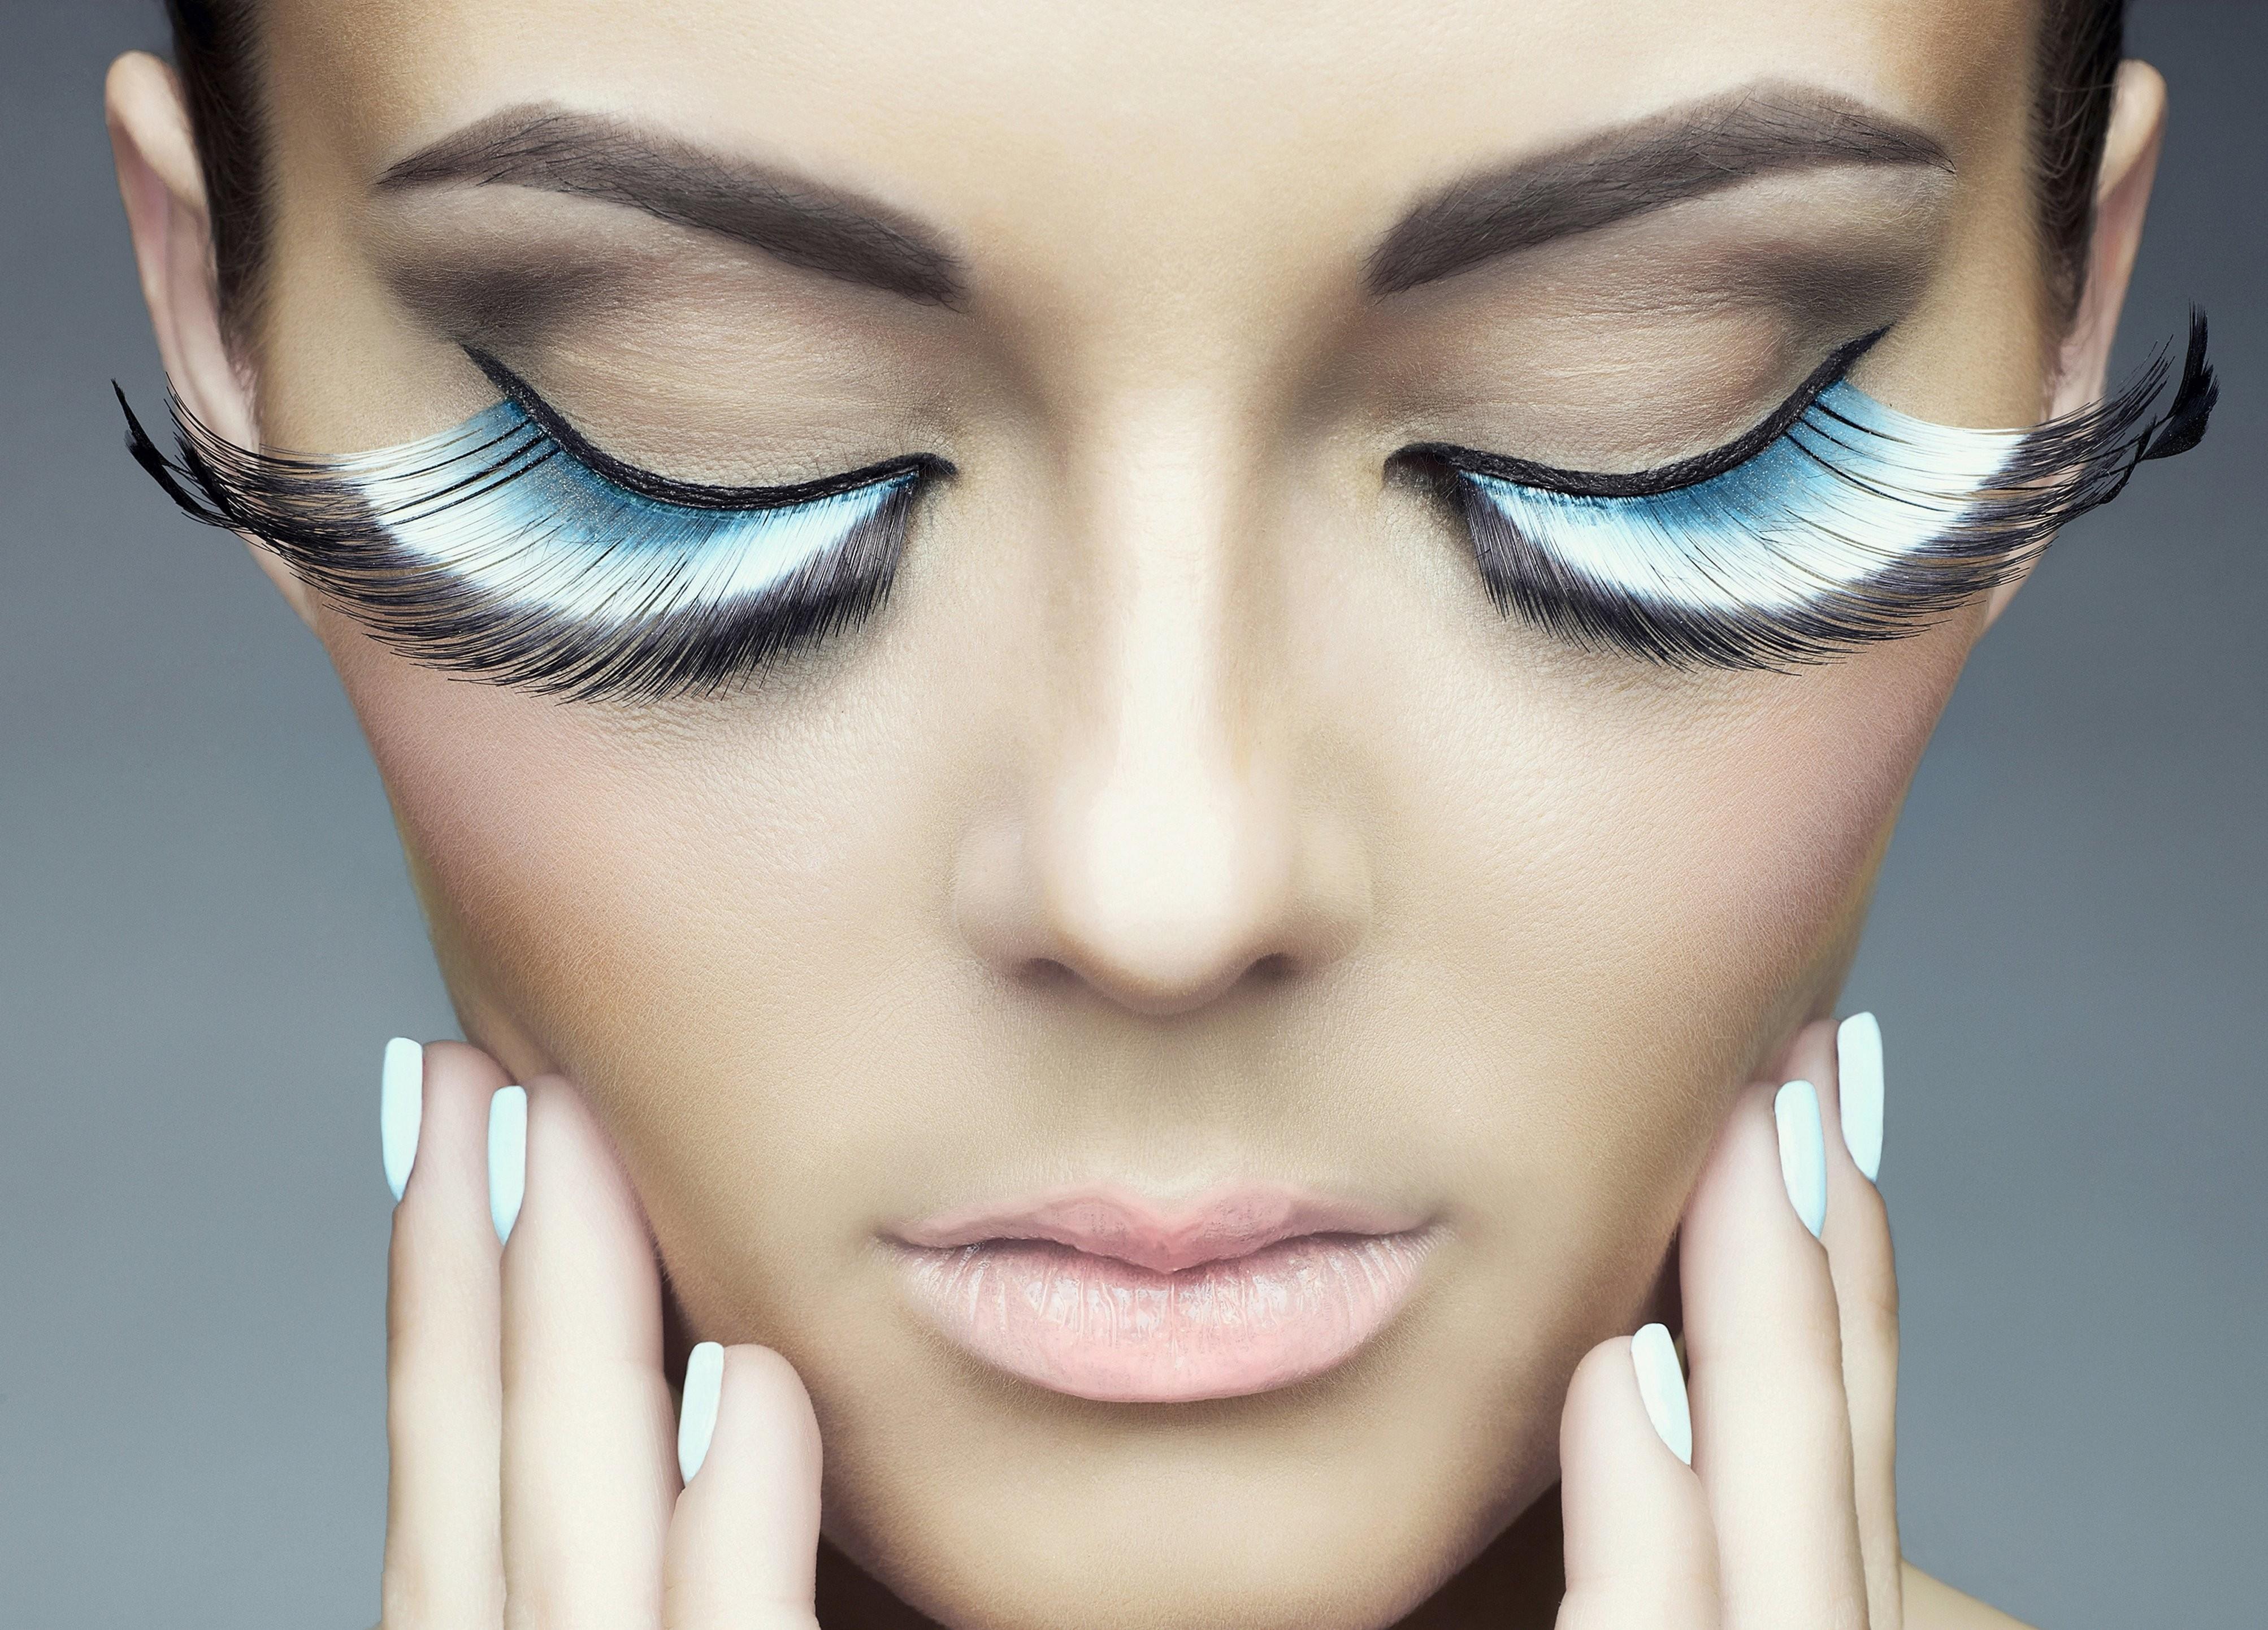 how to make eyelashes look longer without fake lashes